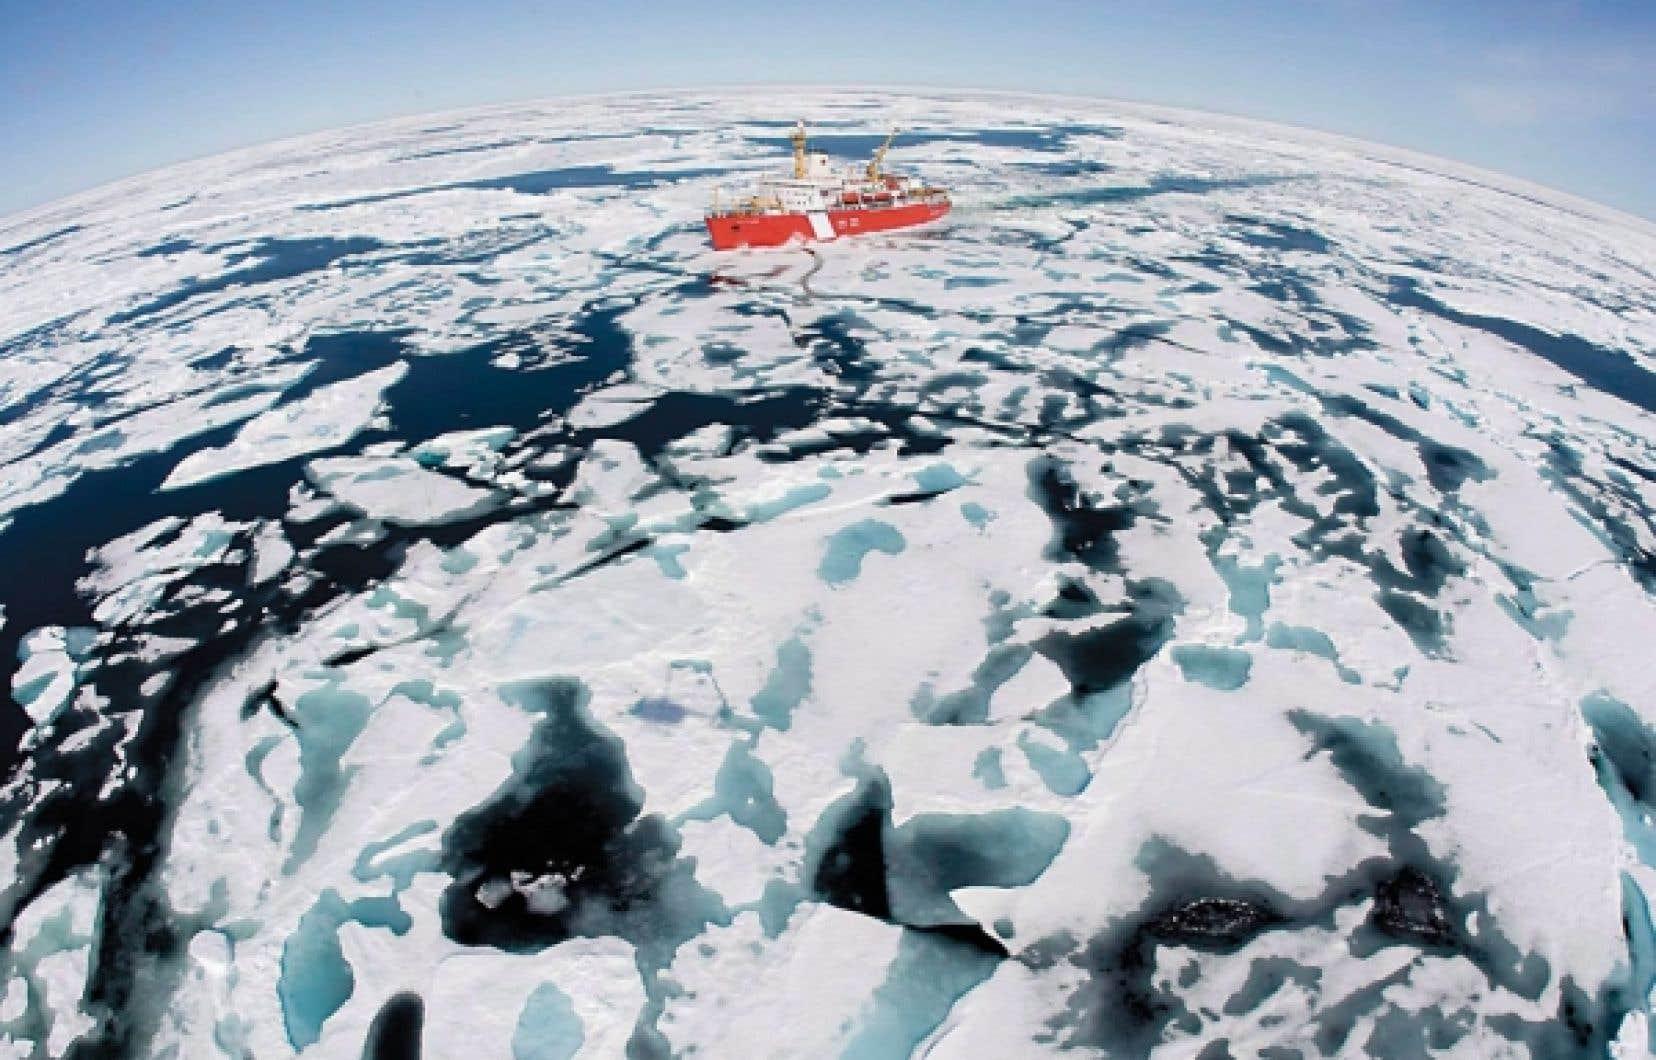 Le brise-glace Louis S. St-Laurent, de la garde côtière canadienne, se fraie un chemin parmi les glaces de la baie de Baffin, dans l'Arctique, sur cette photo prise en juillet 2008. La Cour fédérale a statué hier qu'en vertu d'une « prérogative royale », le gouvernement Harper pouvait légalement se soustraire à la Loi de mise en œuvre du protocole de Kyoto, adoptée par le Parlement le 14 février 2007.